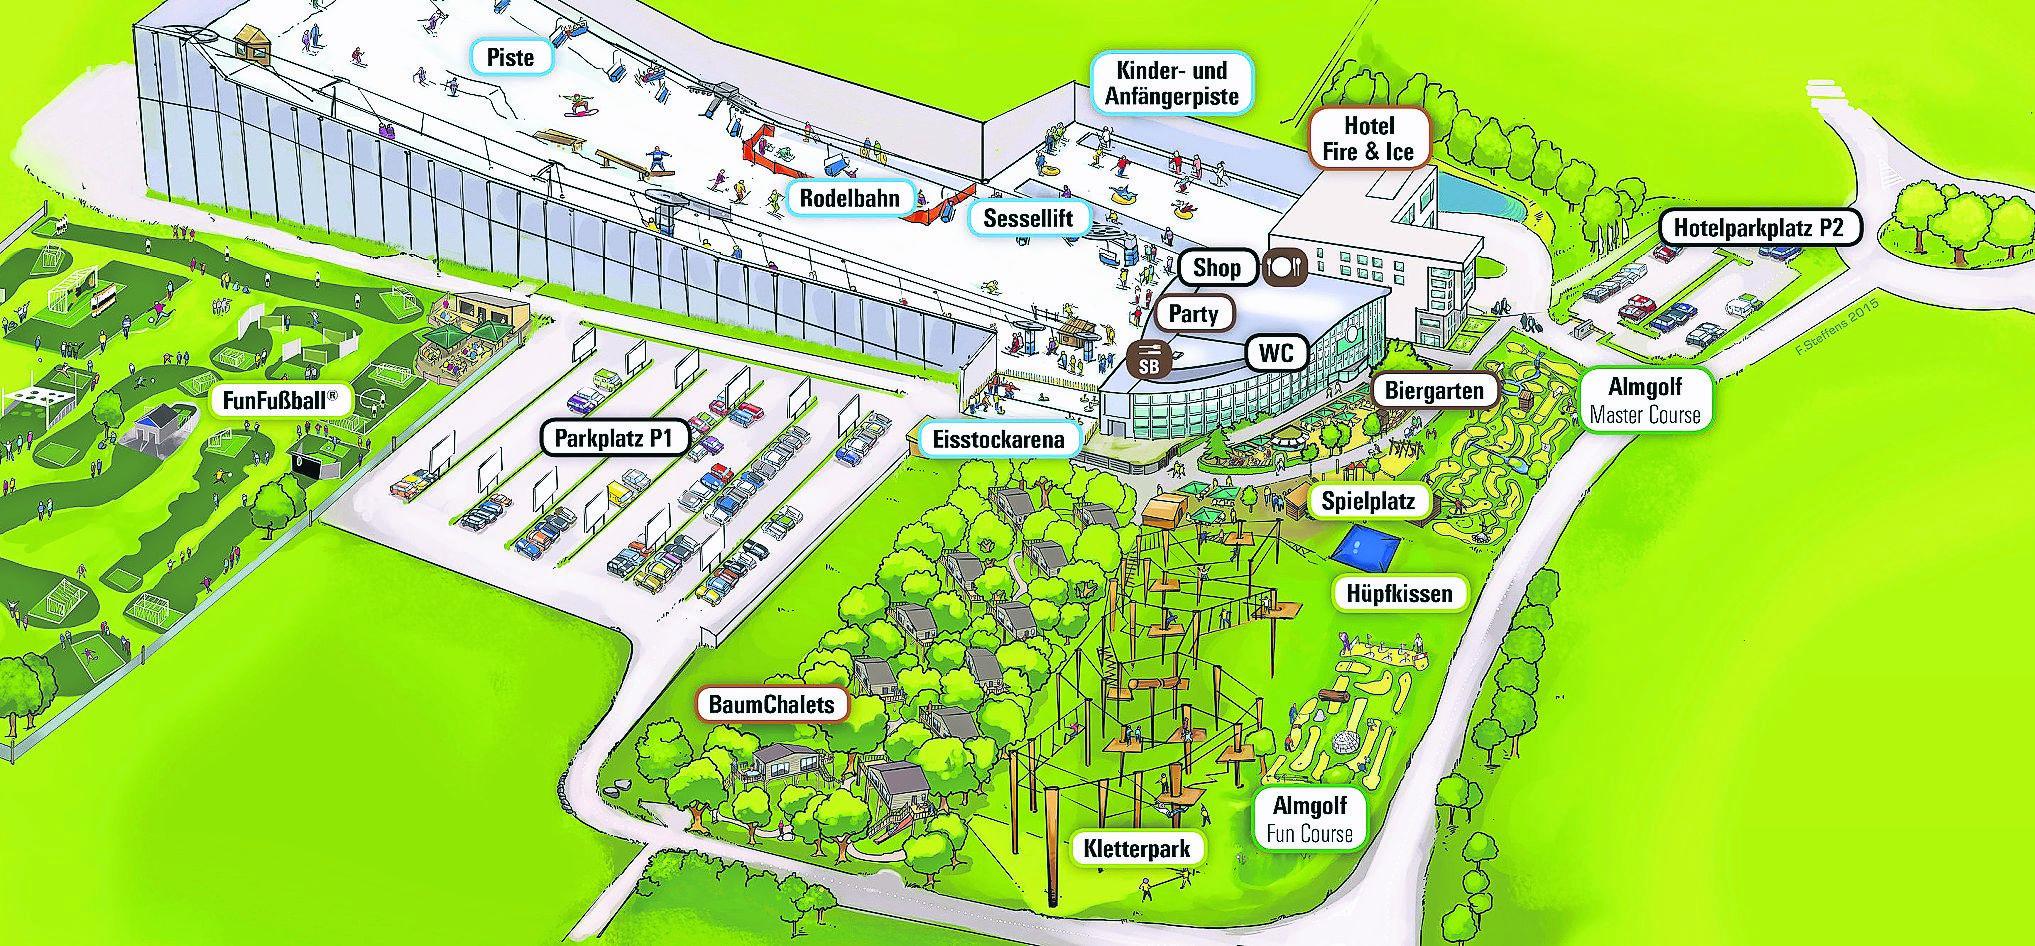 Skihalle wird zum Alpenpark Neuss: Baum-Chalets fast fertig on